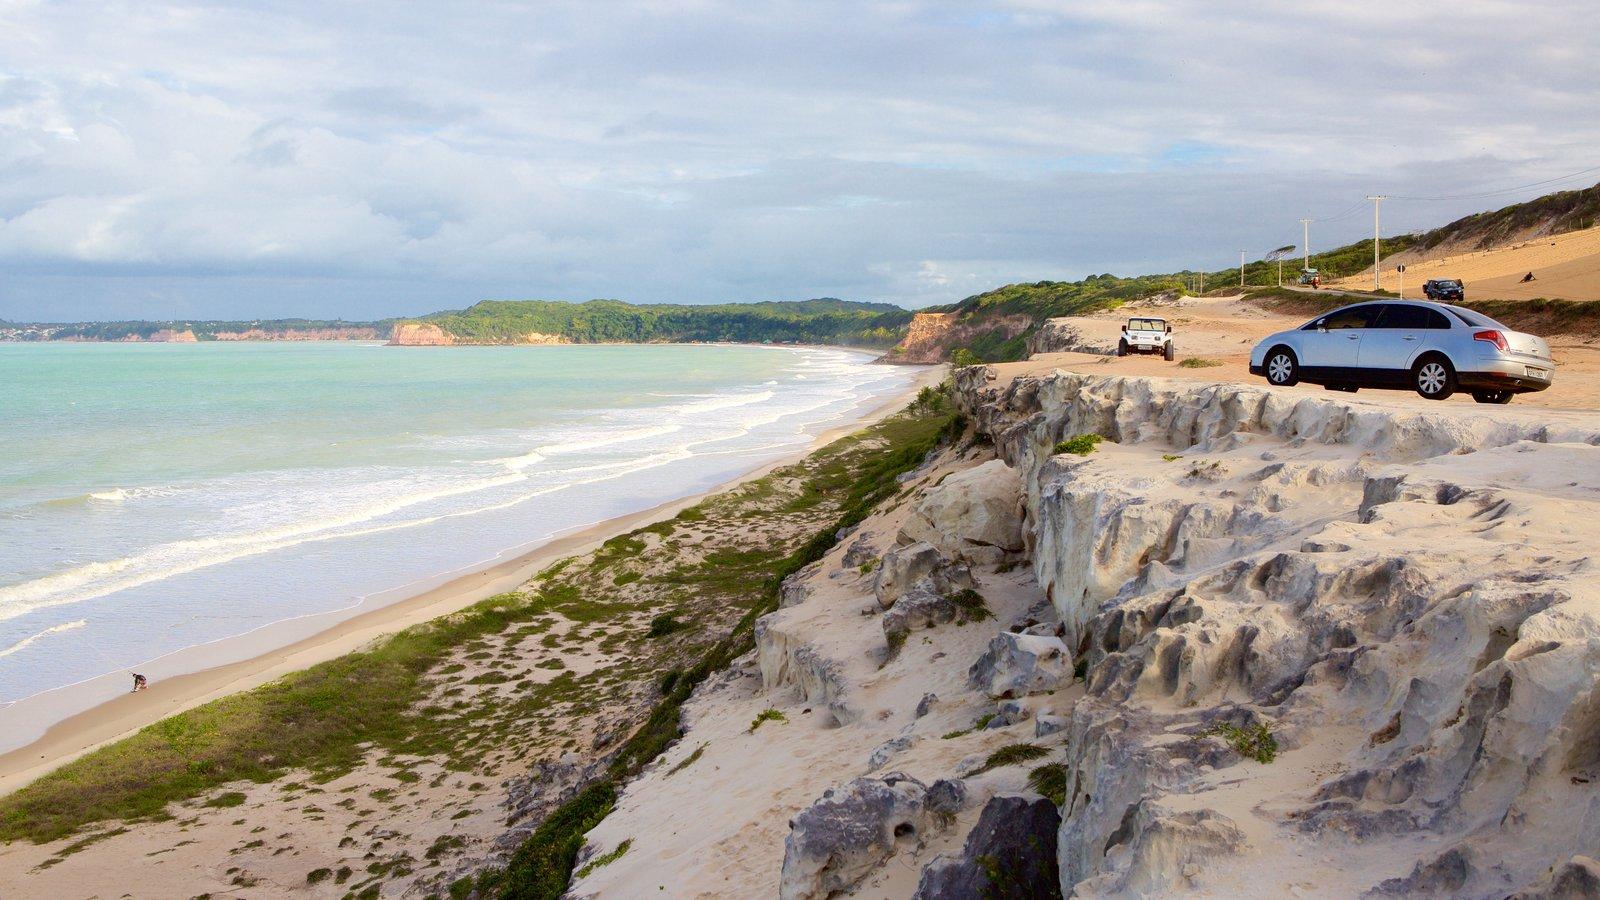 Pipa caracterizando paisagens litorâneas, uma praia e litoral acidentado